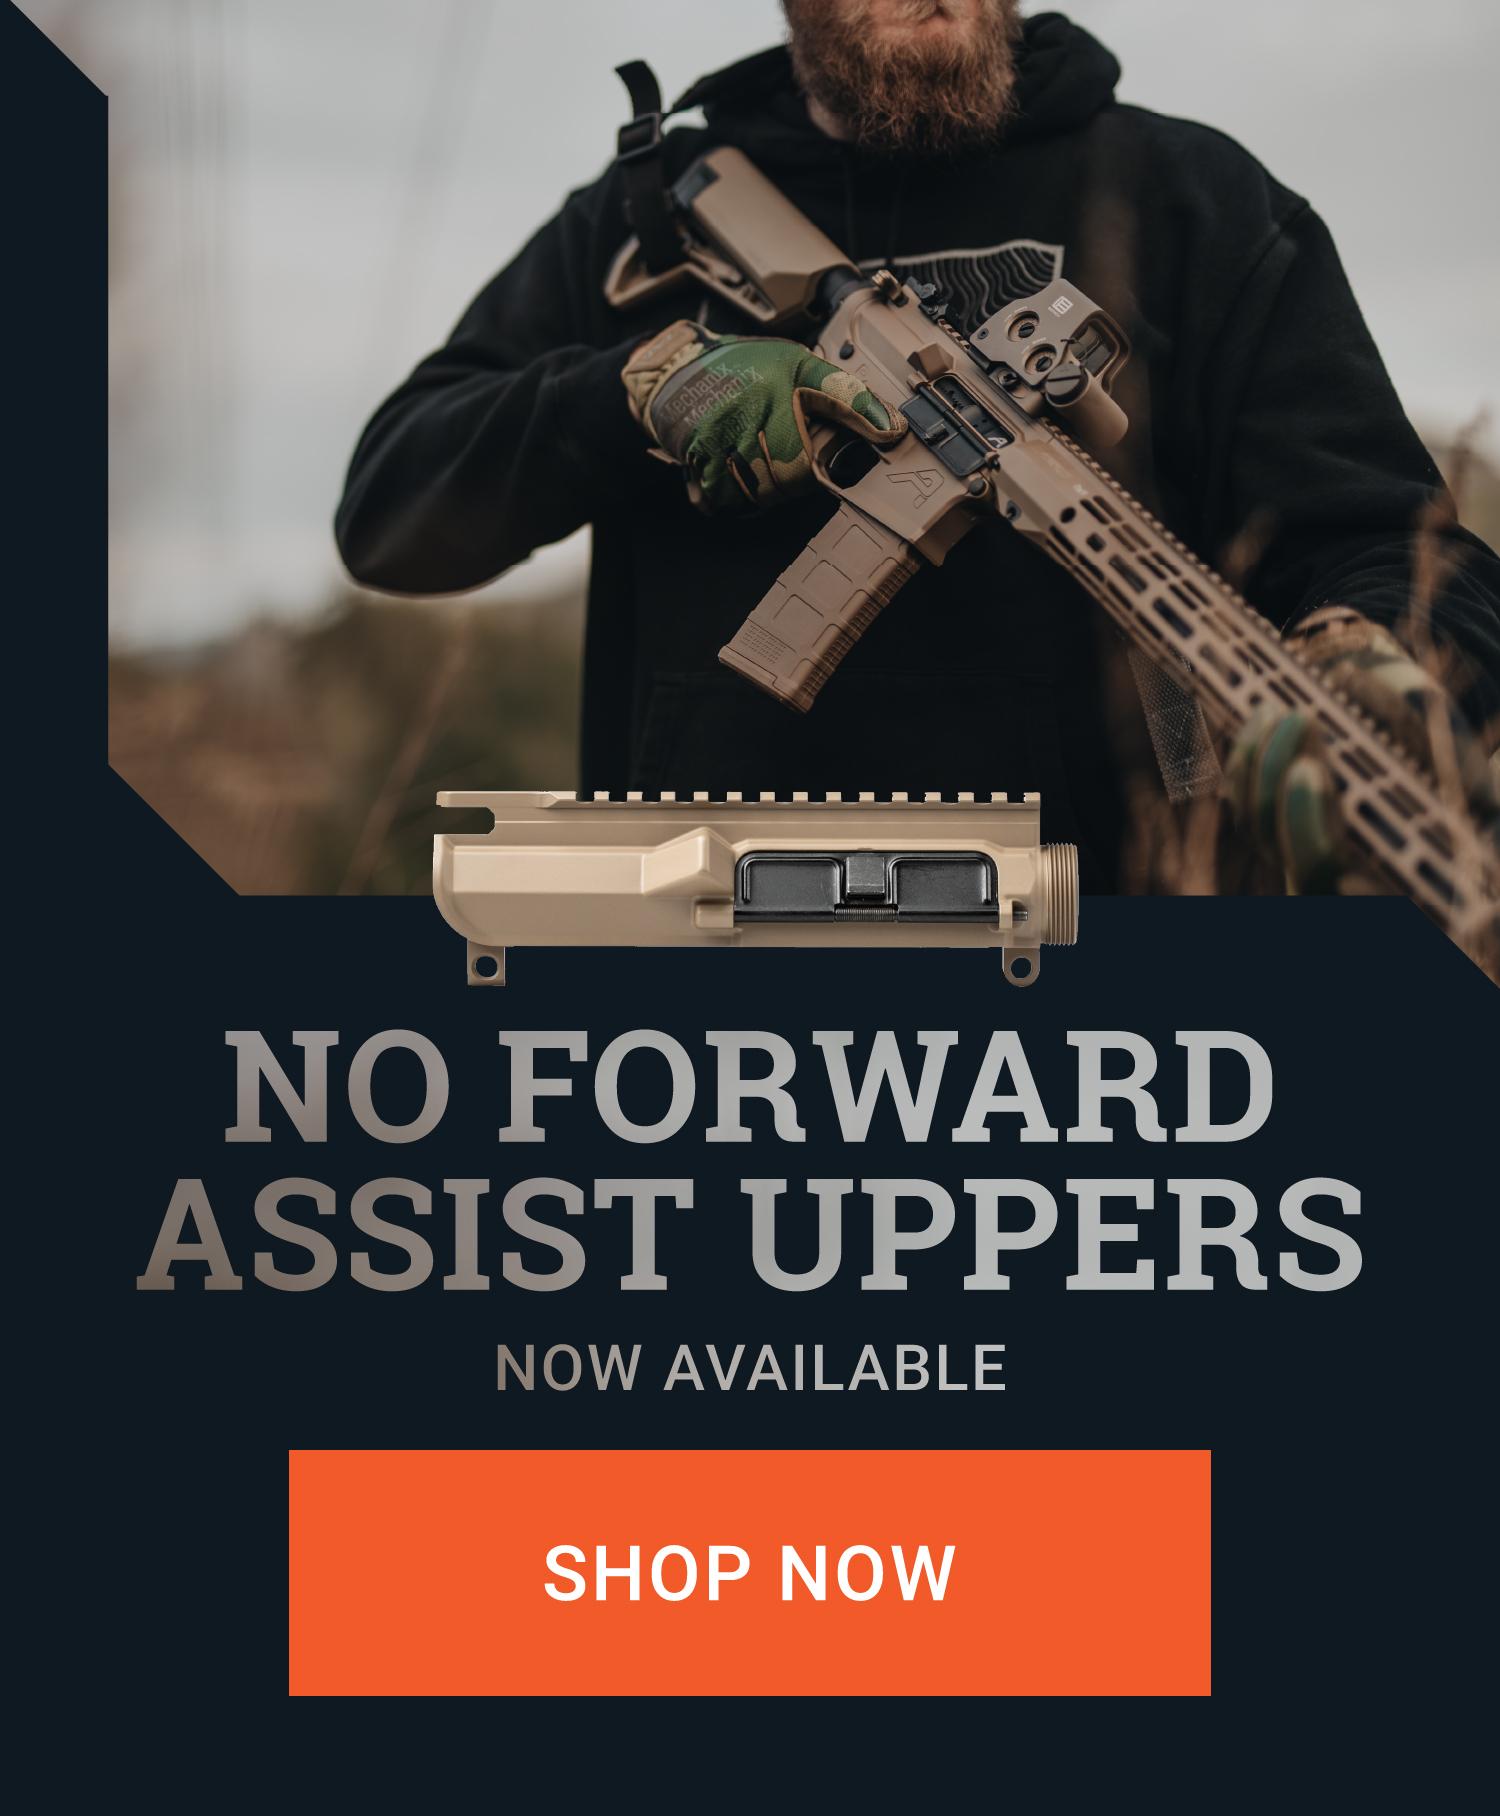 No Forward Assist Uppers